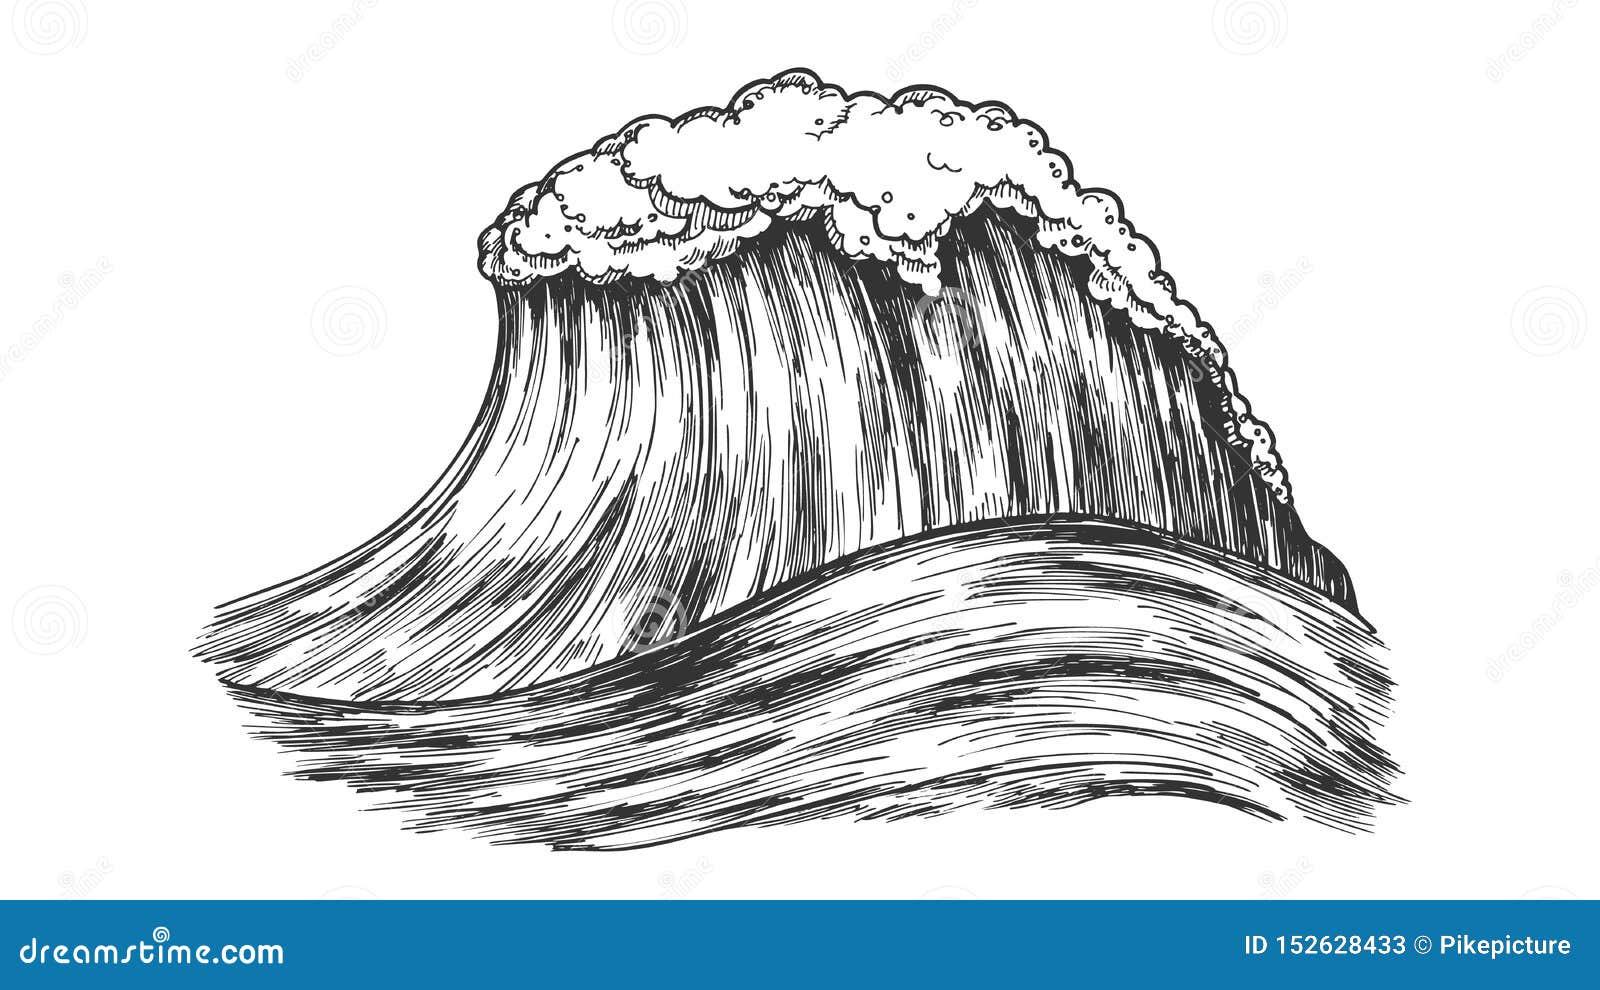 Großer schäumender tropischer Ozean Marine Wave Storm Vector